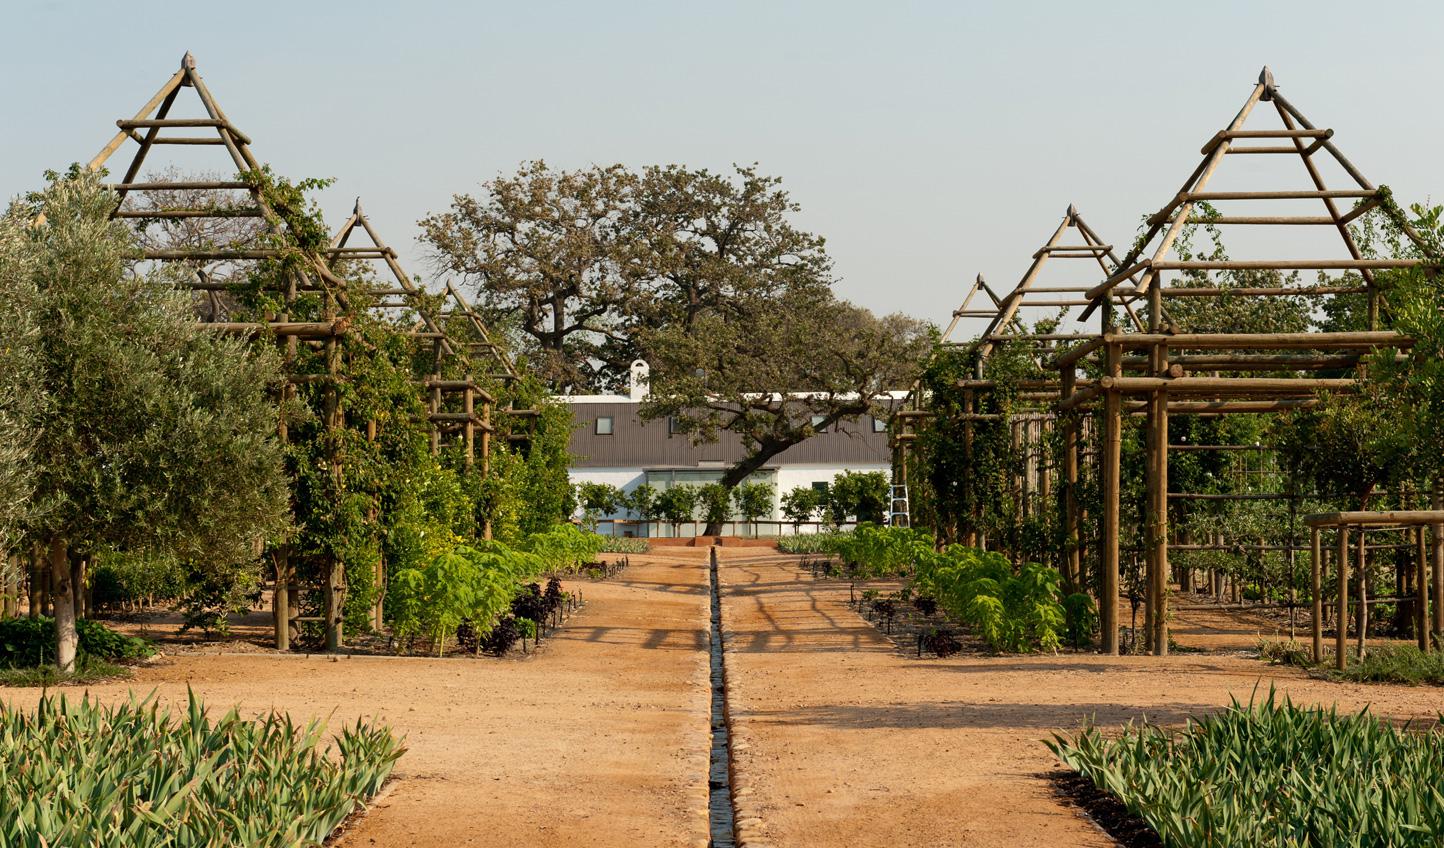 Discover Babylonstoren's beautiful grounds